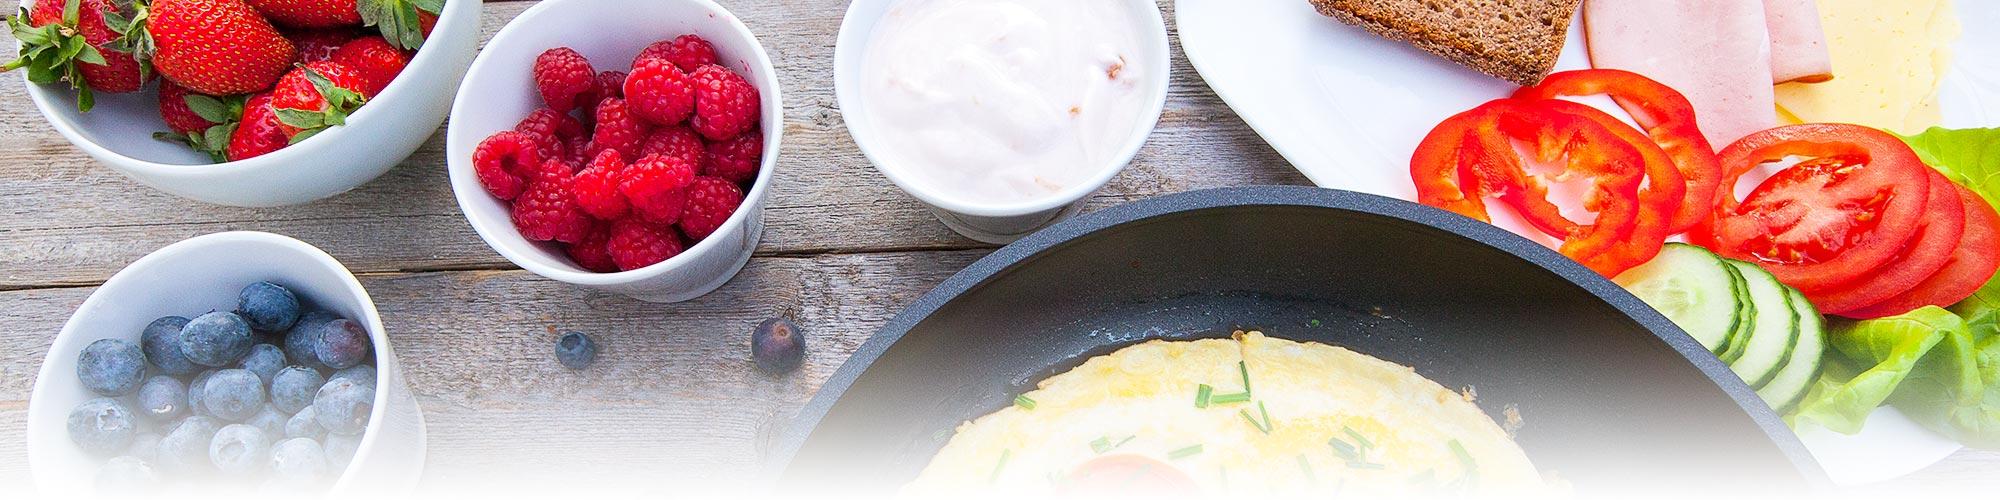 Tommolansalmi ravintola aamupala